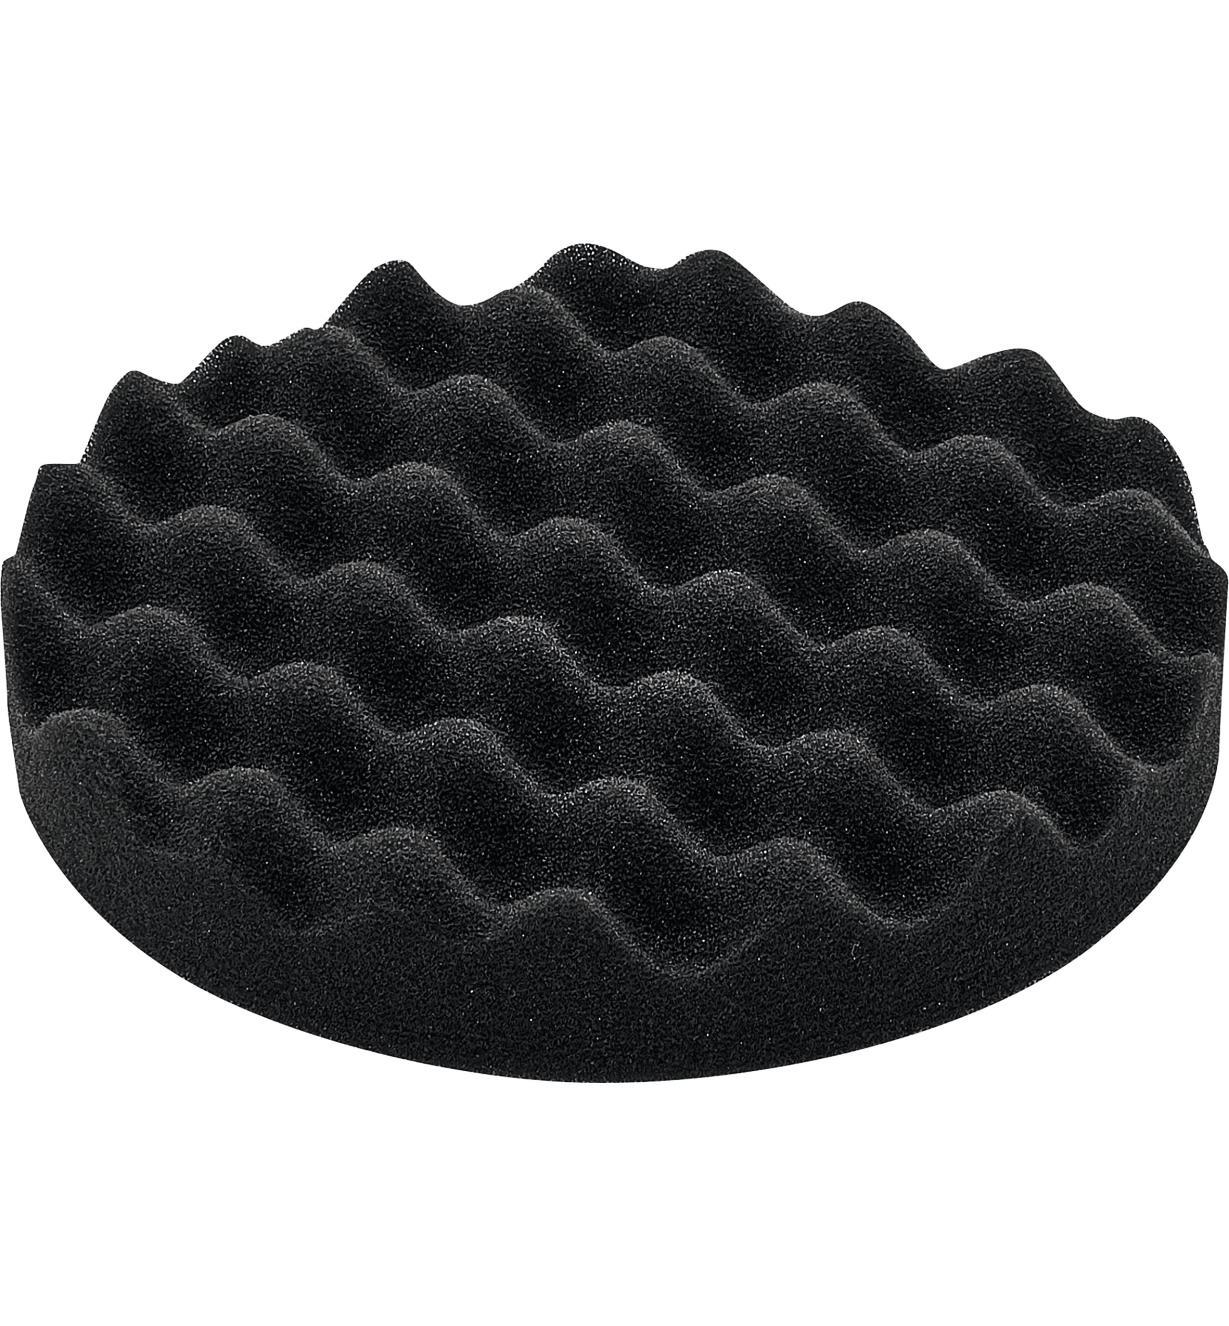 Éponge de polissage noir de 80 mm